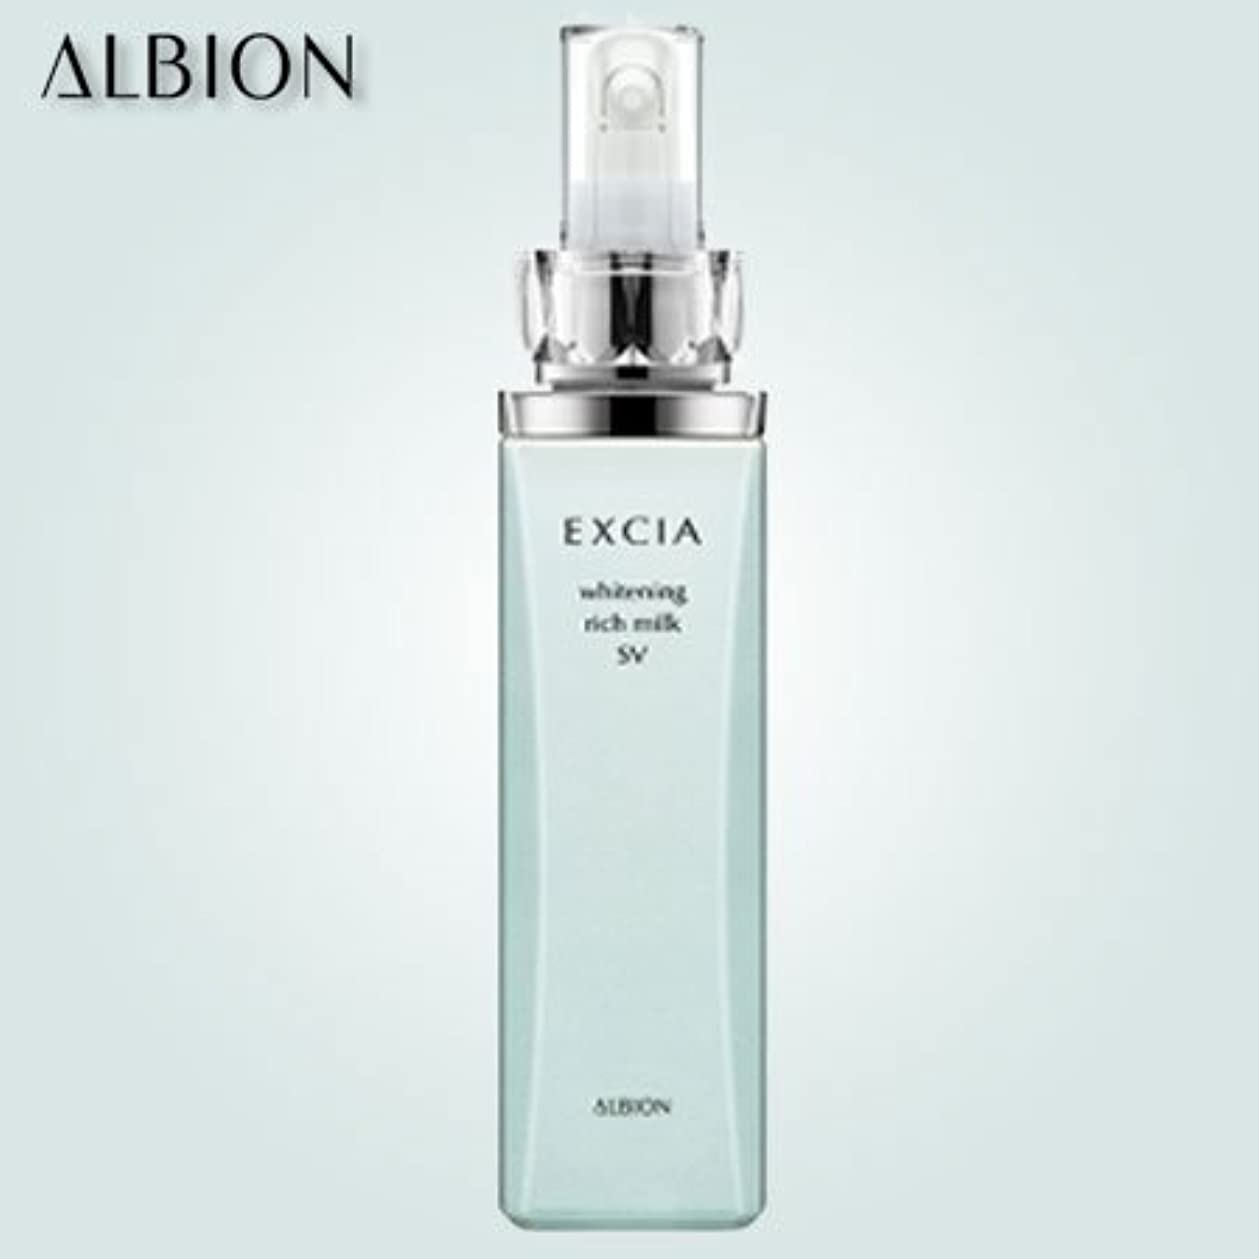 樫の木眉をひそめる終わりアルビオン エクシアAL ホワイトニング エクストラリッチミルク SV(ノーマル~ドライスキン用)200g-ALBION-